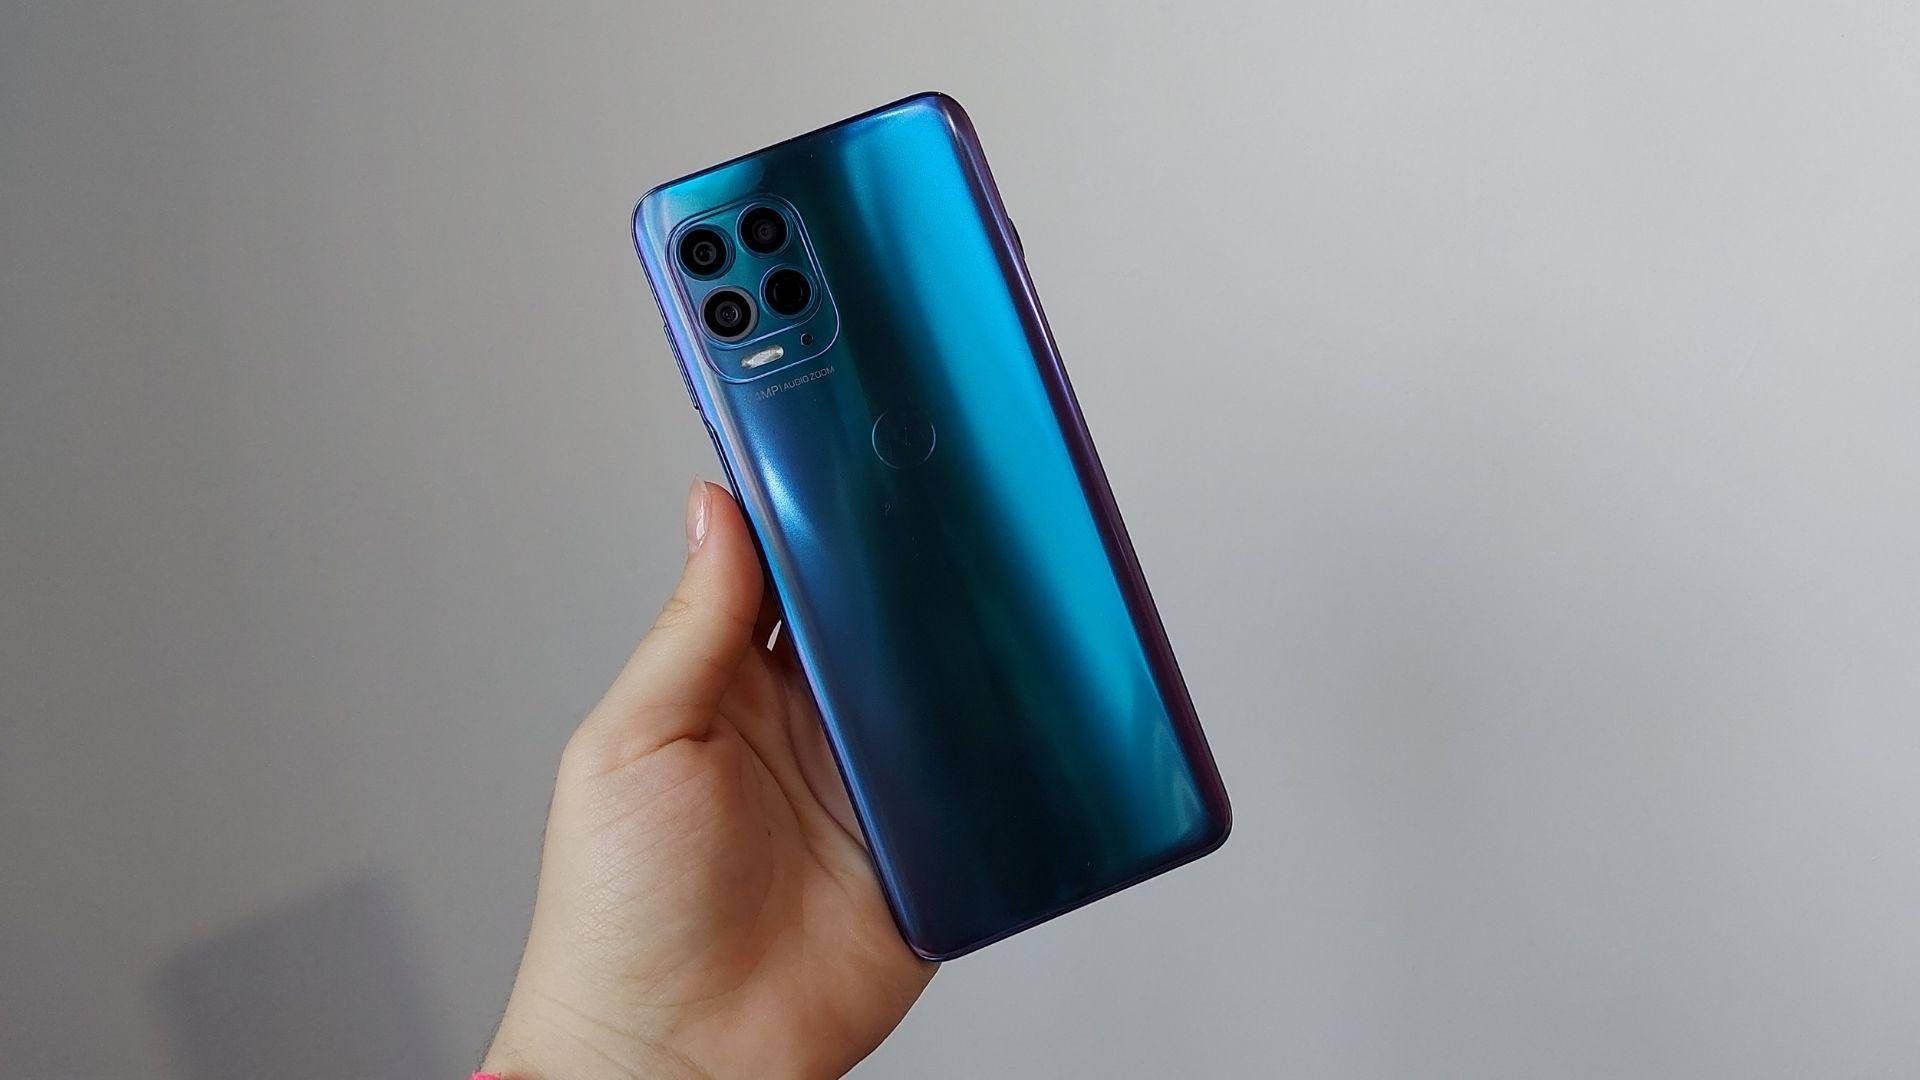 Mão segurando Moto G100 e exibindo parte traseira do celular